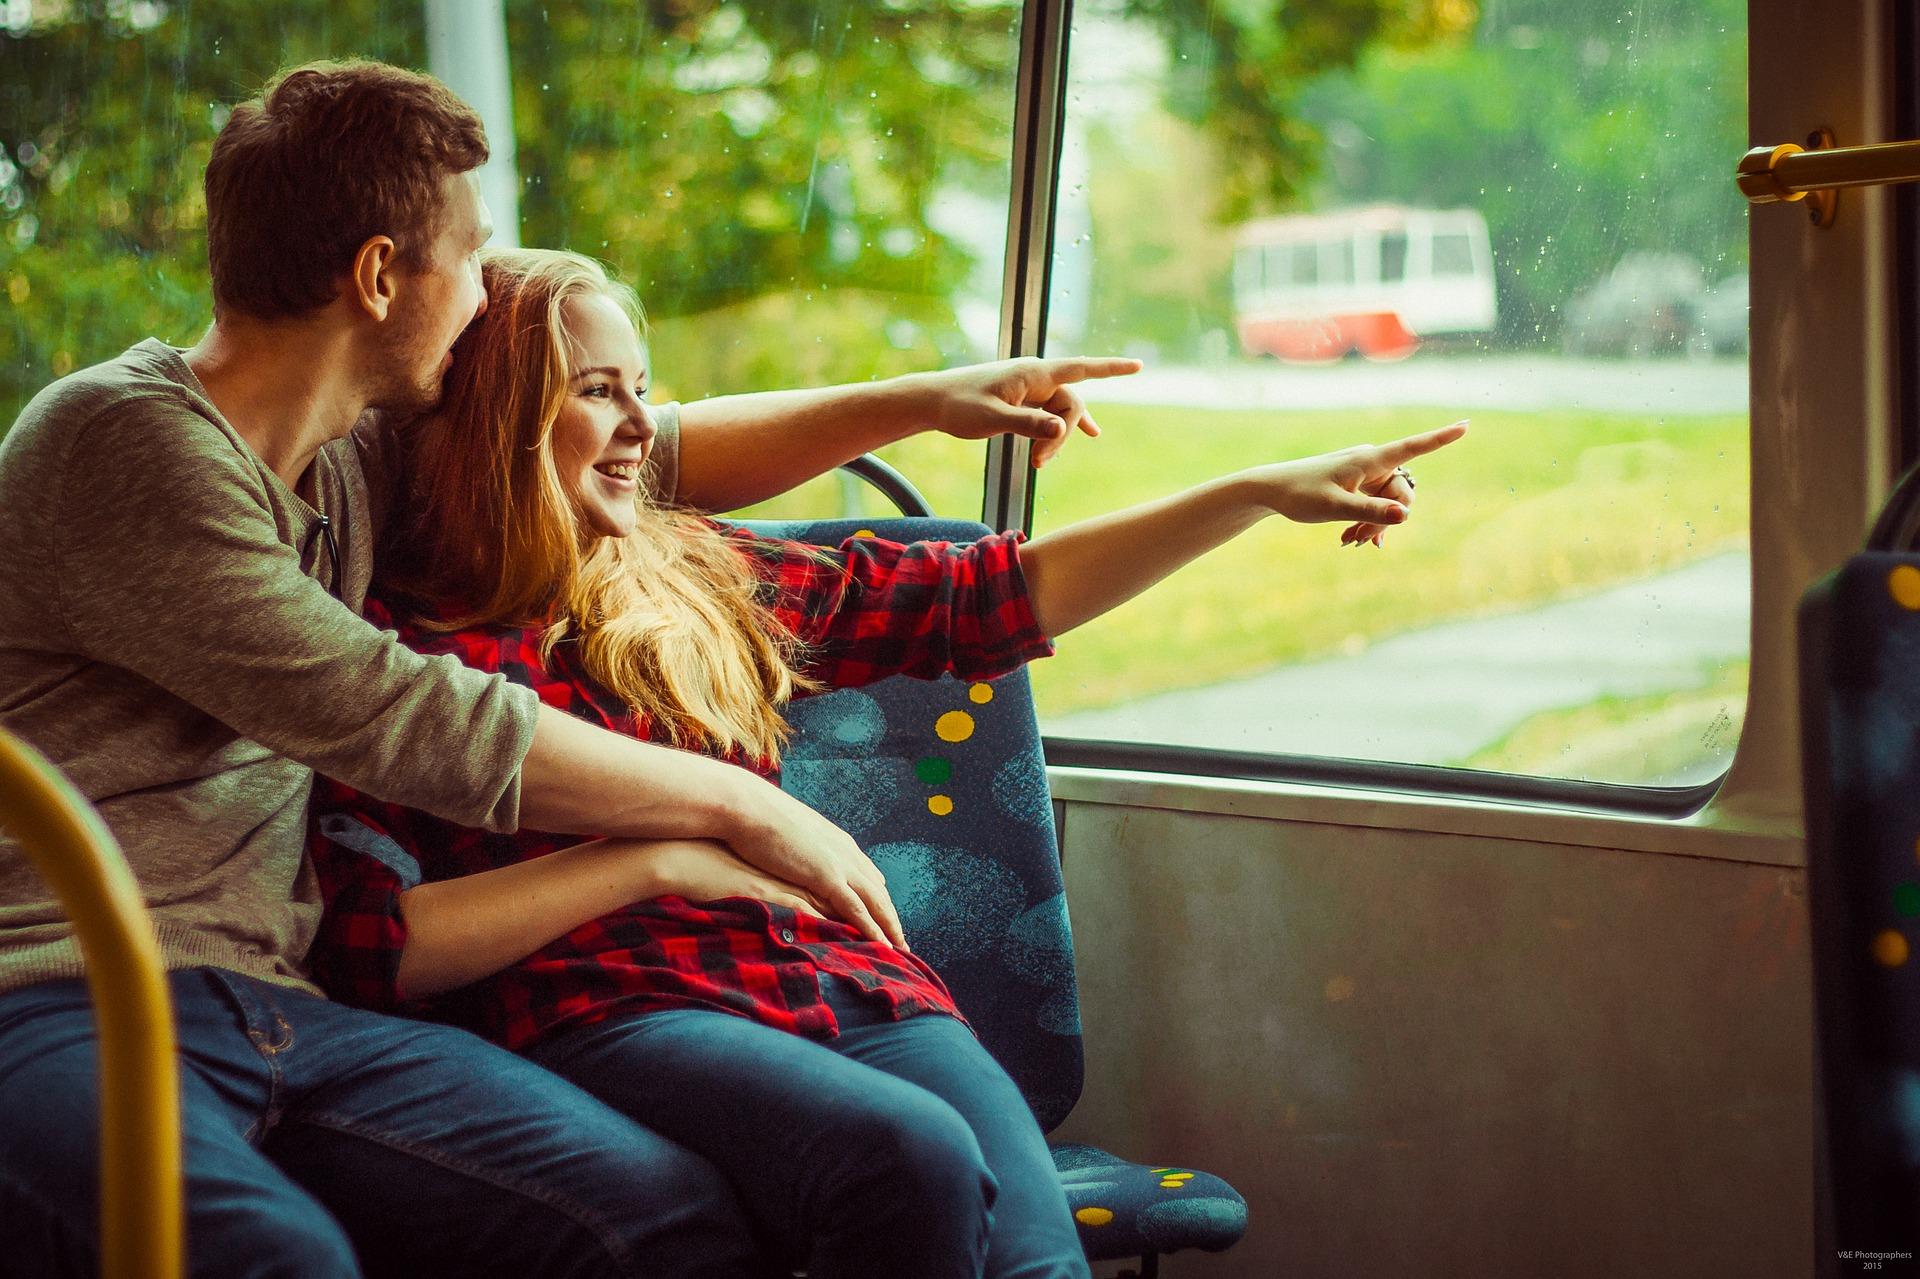 ダブル不倫が一年続いたら二人の関係は安泰するって本当!?一年が経った時の既婚男性の態度やline、セックスの変化